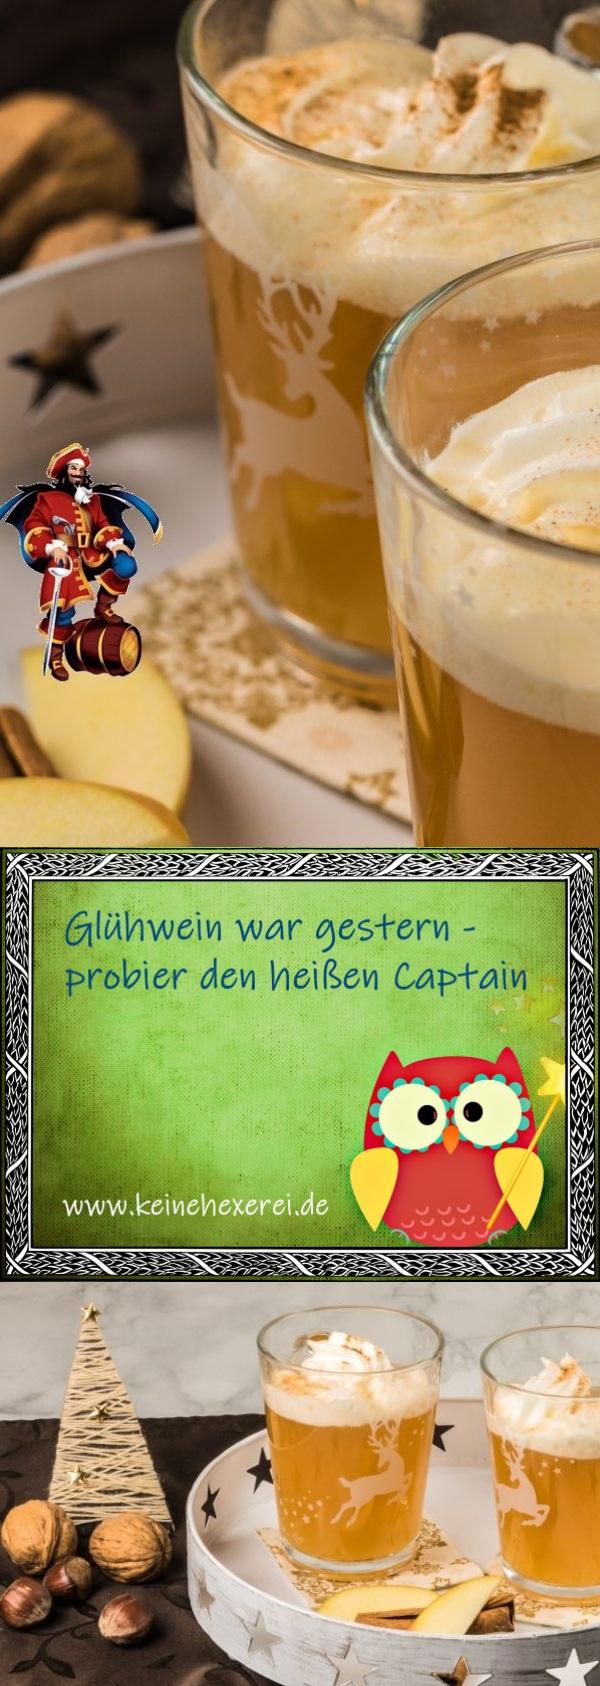 Heißer Captain - die würzig herbe Glühweinalternative, fruchtig und lecker #Rezept #Glühwein #HeißerCaptain #CaptainMorgan #Weihnachtsmarkt #Trendgetränk